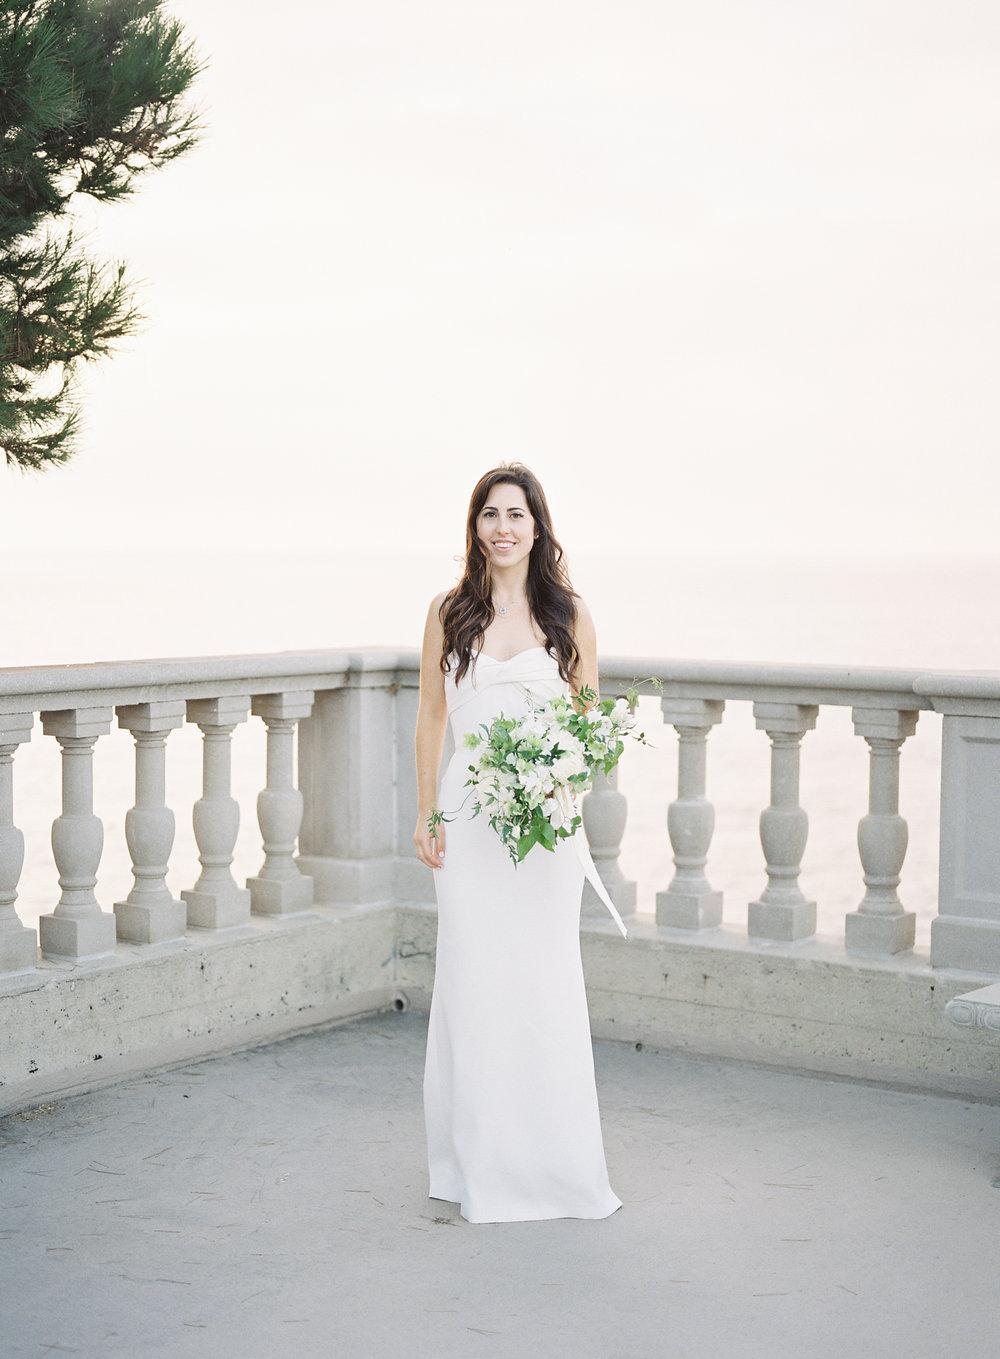 burdiak-wedding-565.jpg